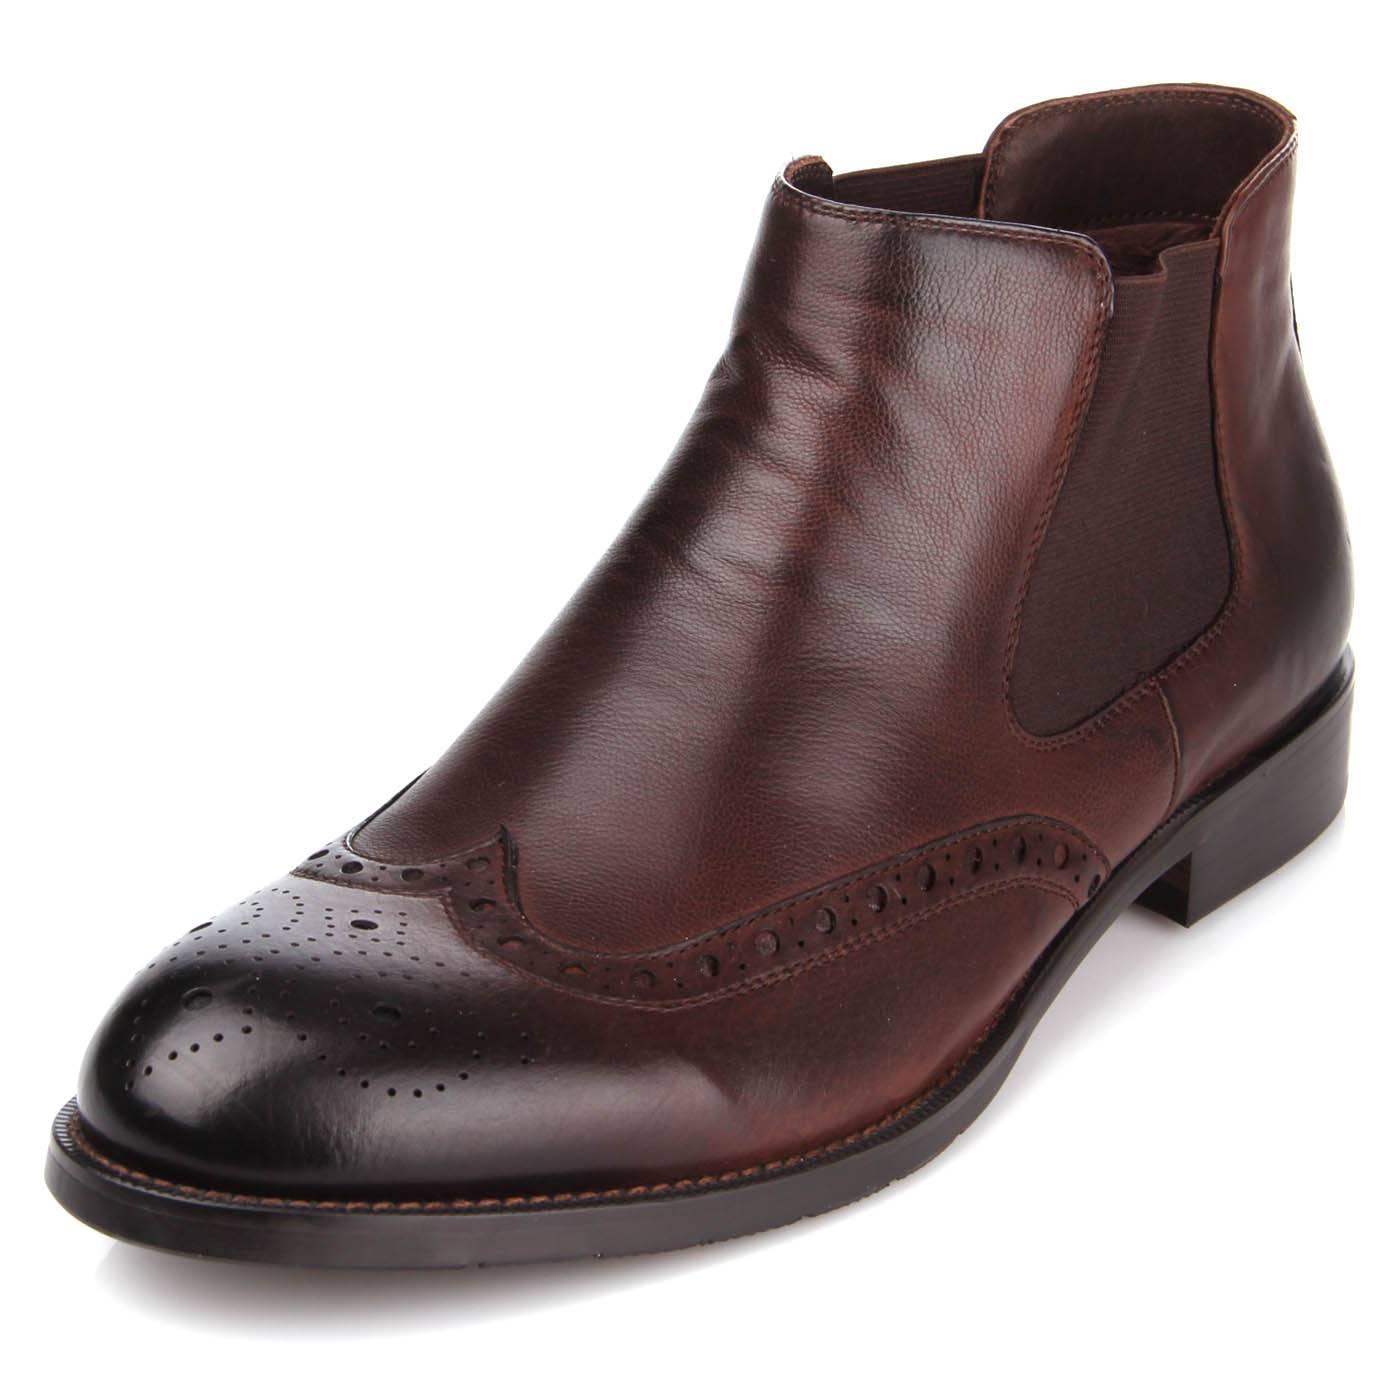 9fbd93d62420 Ботинки мужские ditto 7192 Коричневый купить по выгодной цене в ...